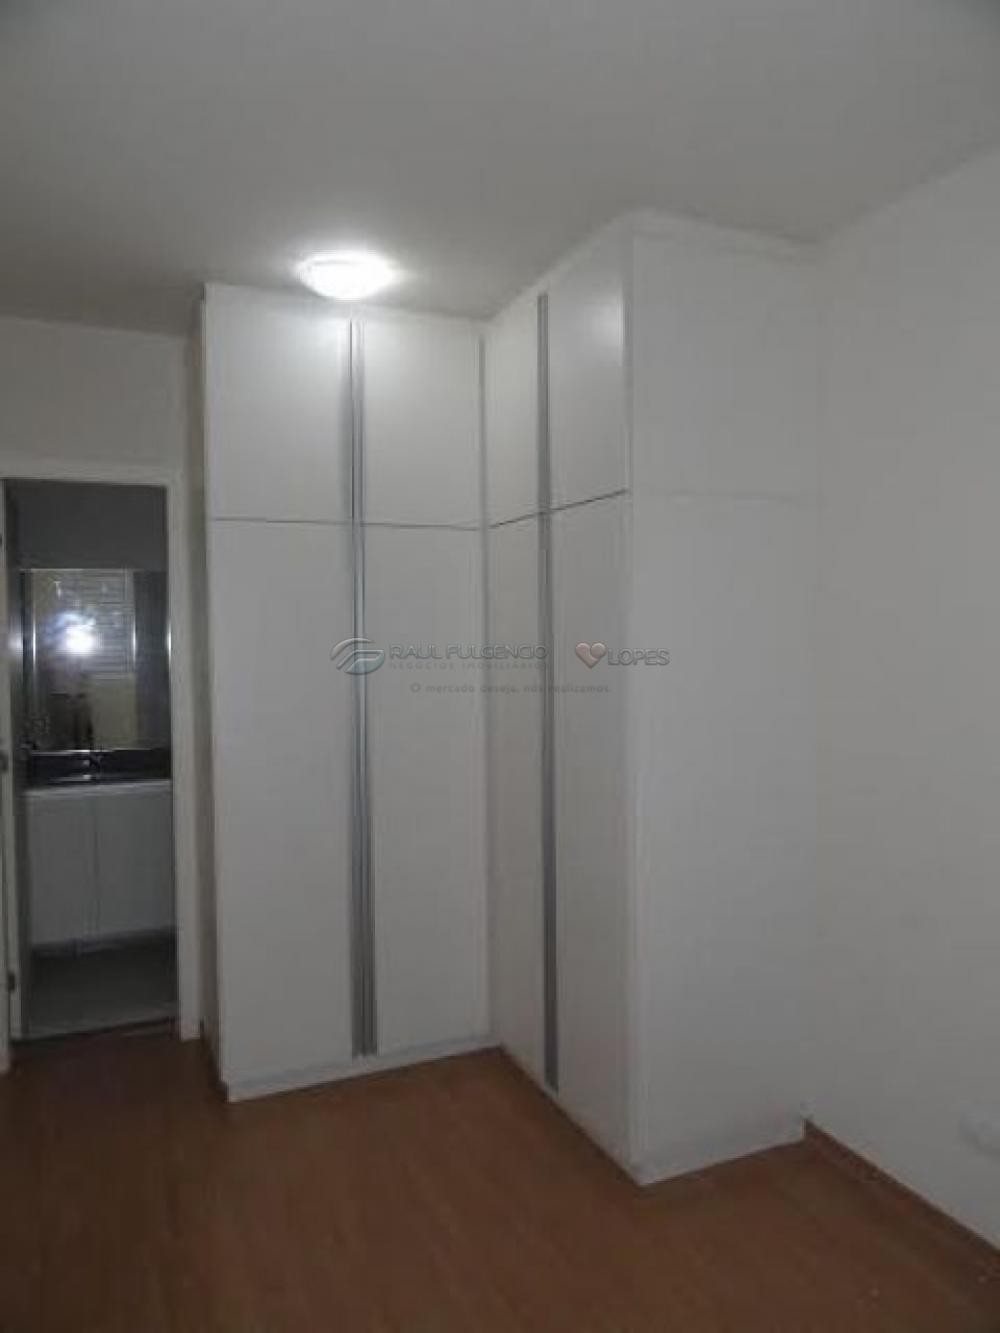 Comprar Apartamento / Padrão em Londrina R$ 305.000,00 - Foto 8